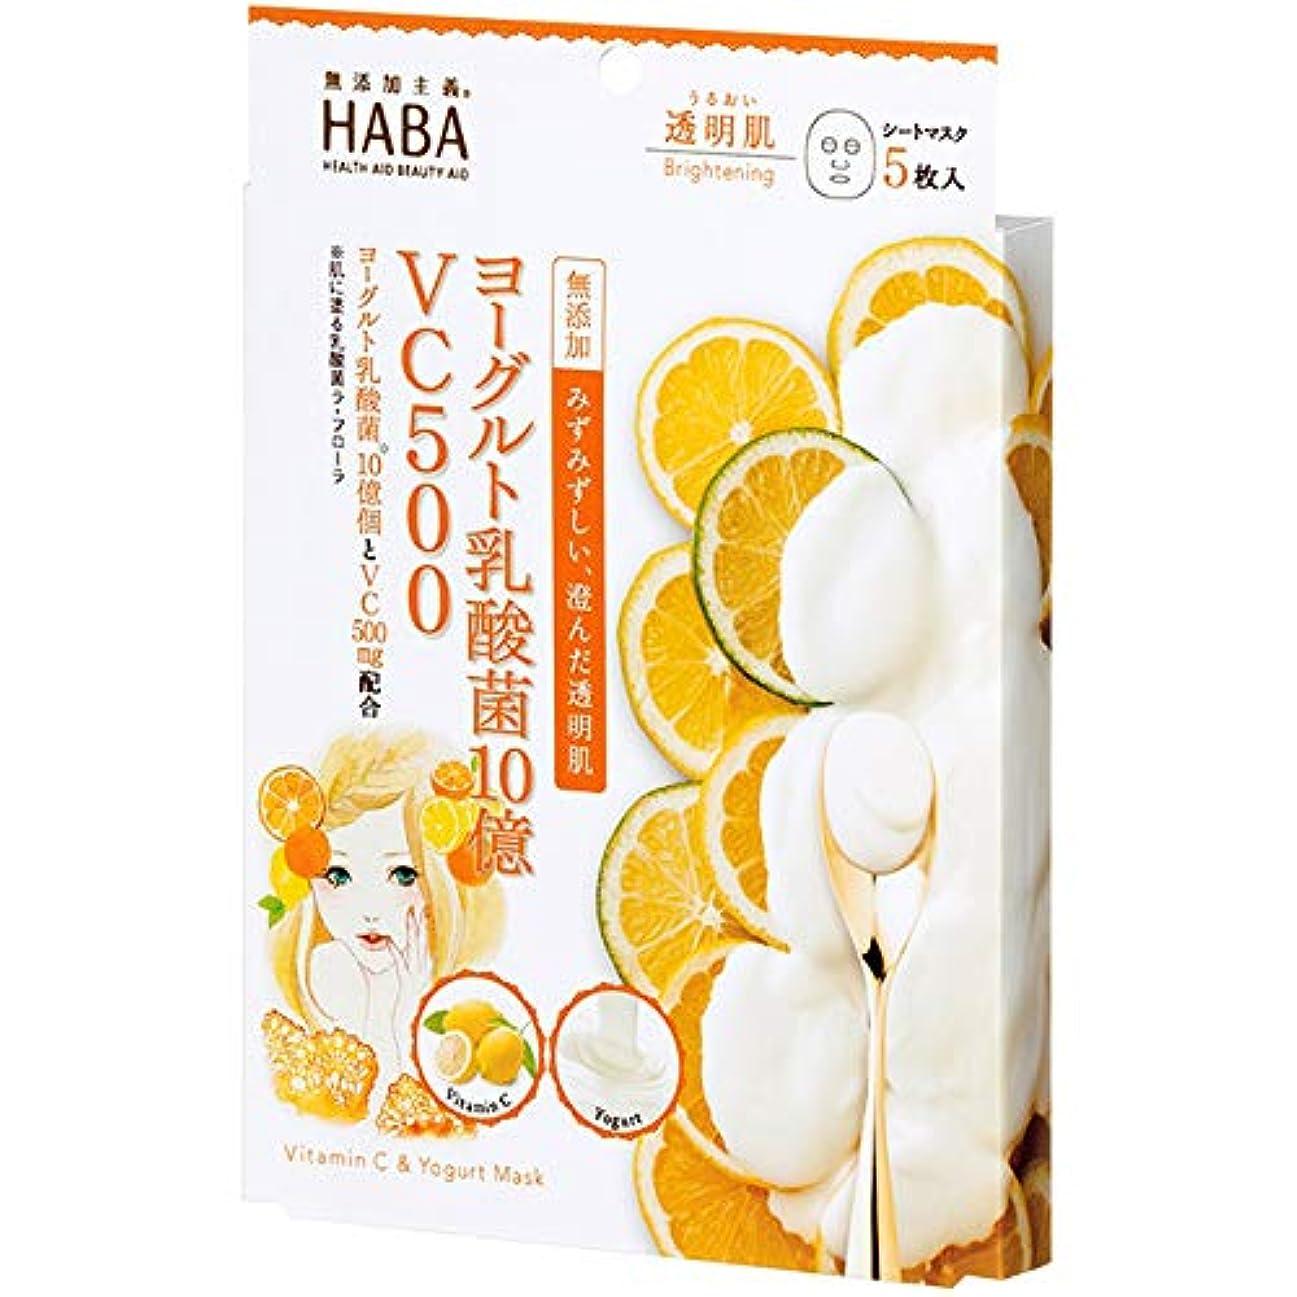 抑止する硫黄差別ハーバー VC500ヨーグルト乳酸菌マスク 5包